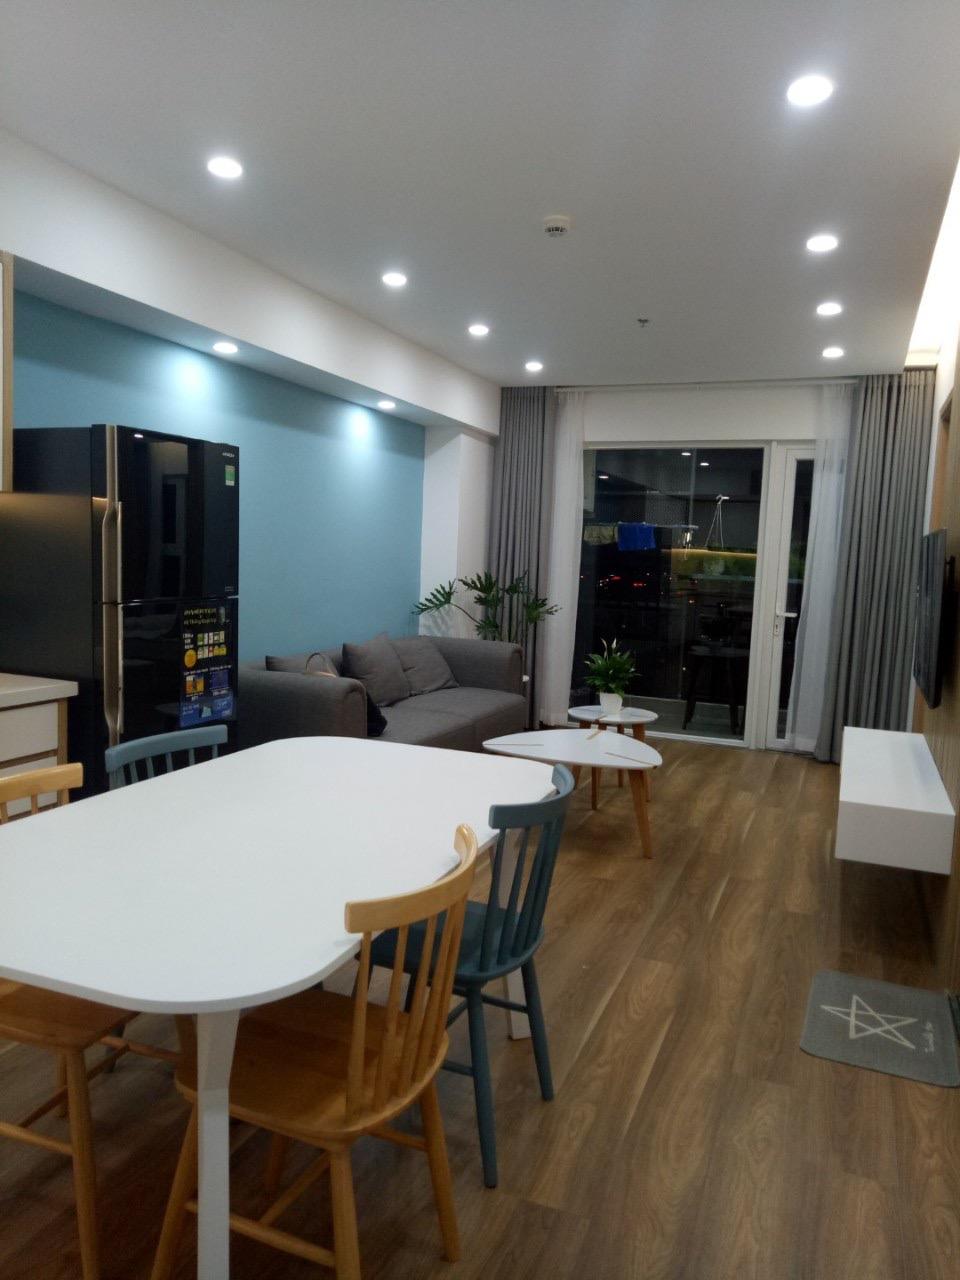 Cho thuê Căn hộ chung cư dự án Khu căn hộ F.Home, Diện tích 64m², Giá 7 Triệu/tháng - LH: 0328002428